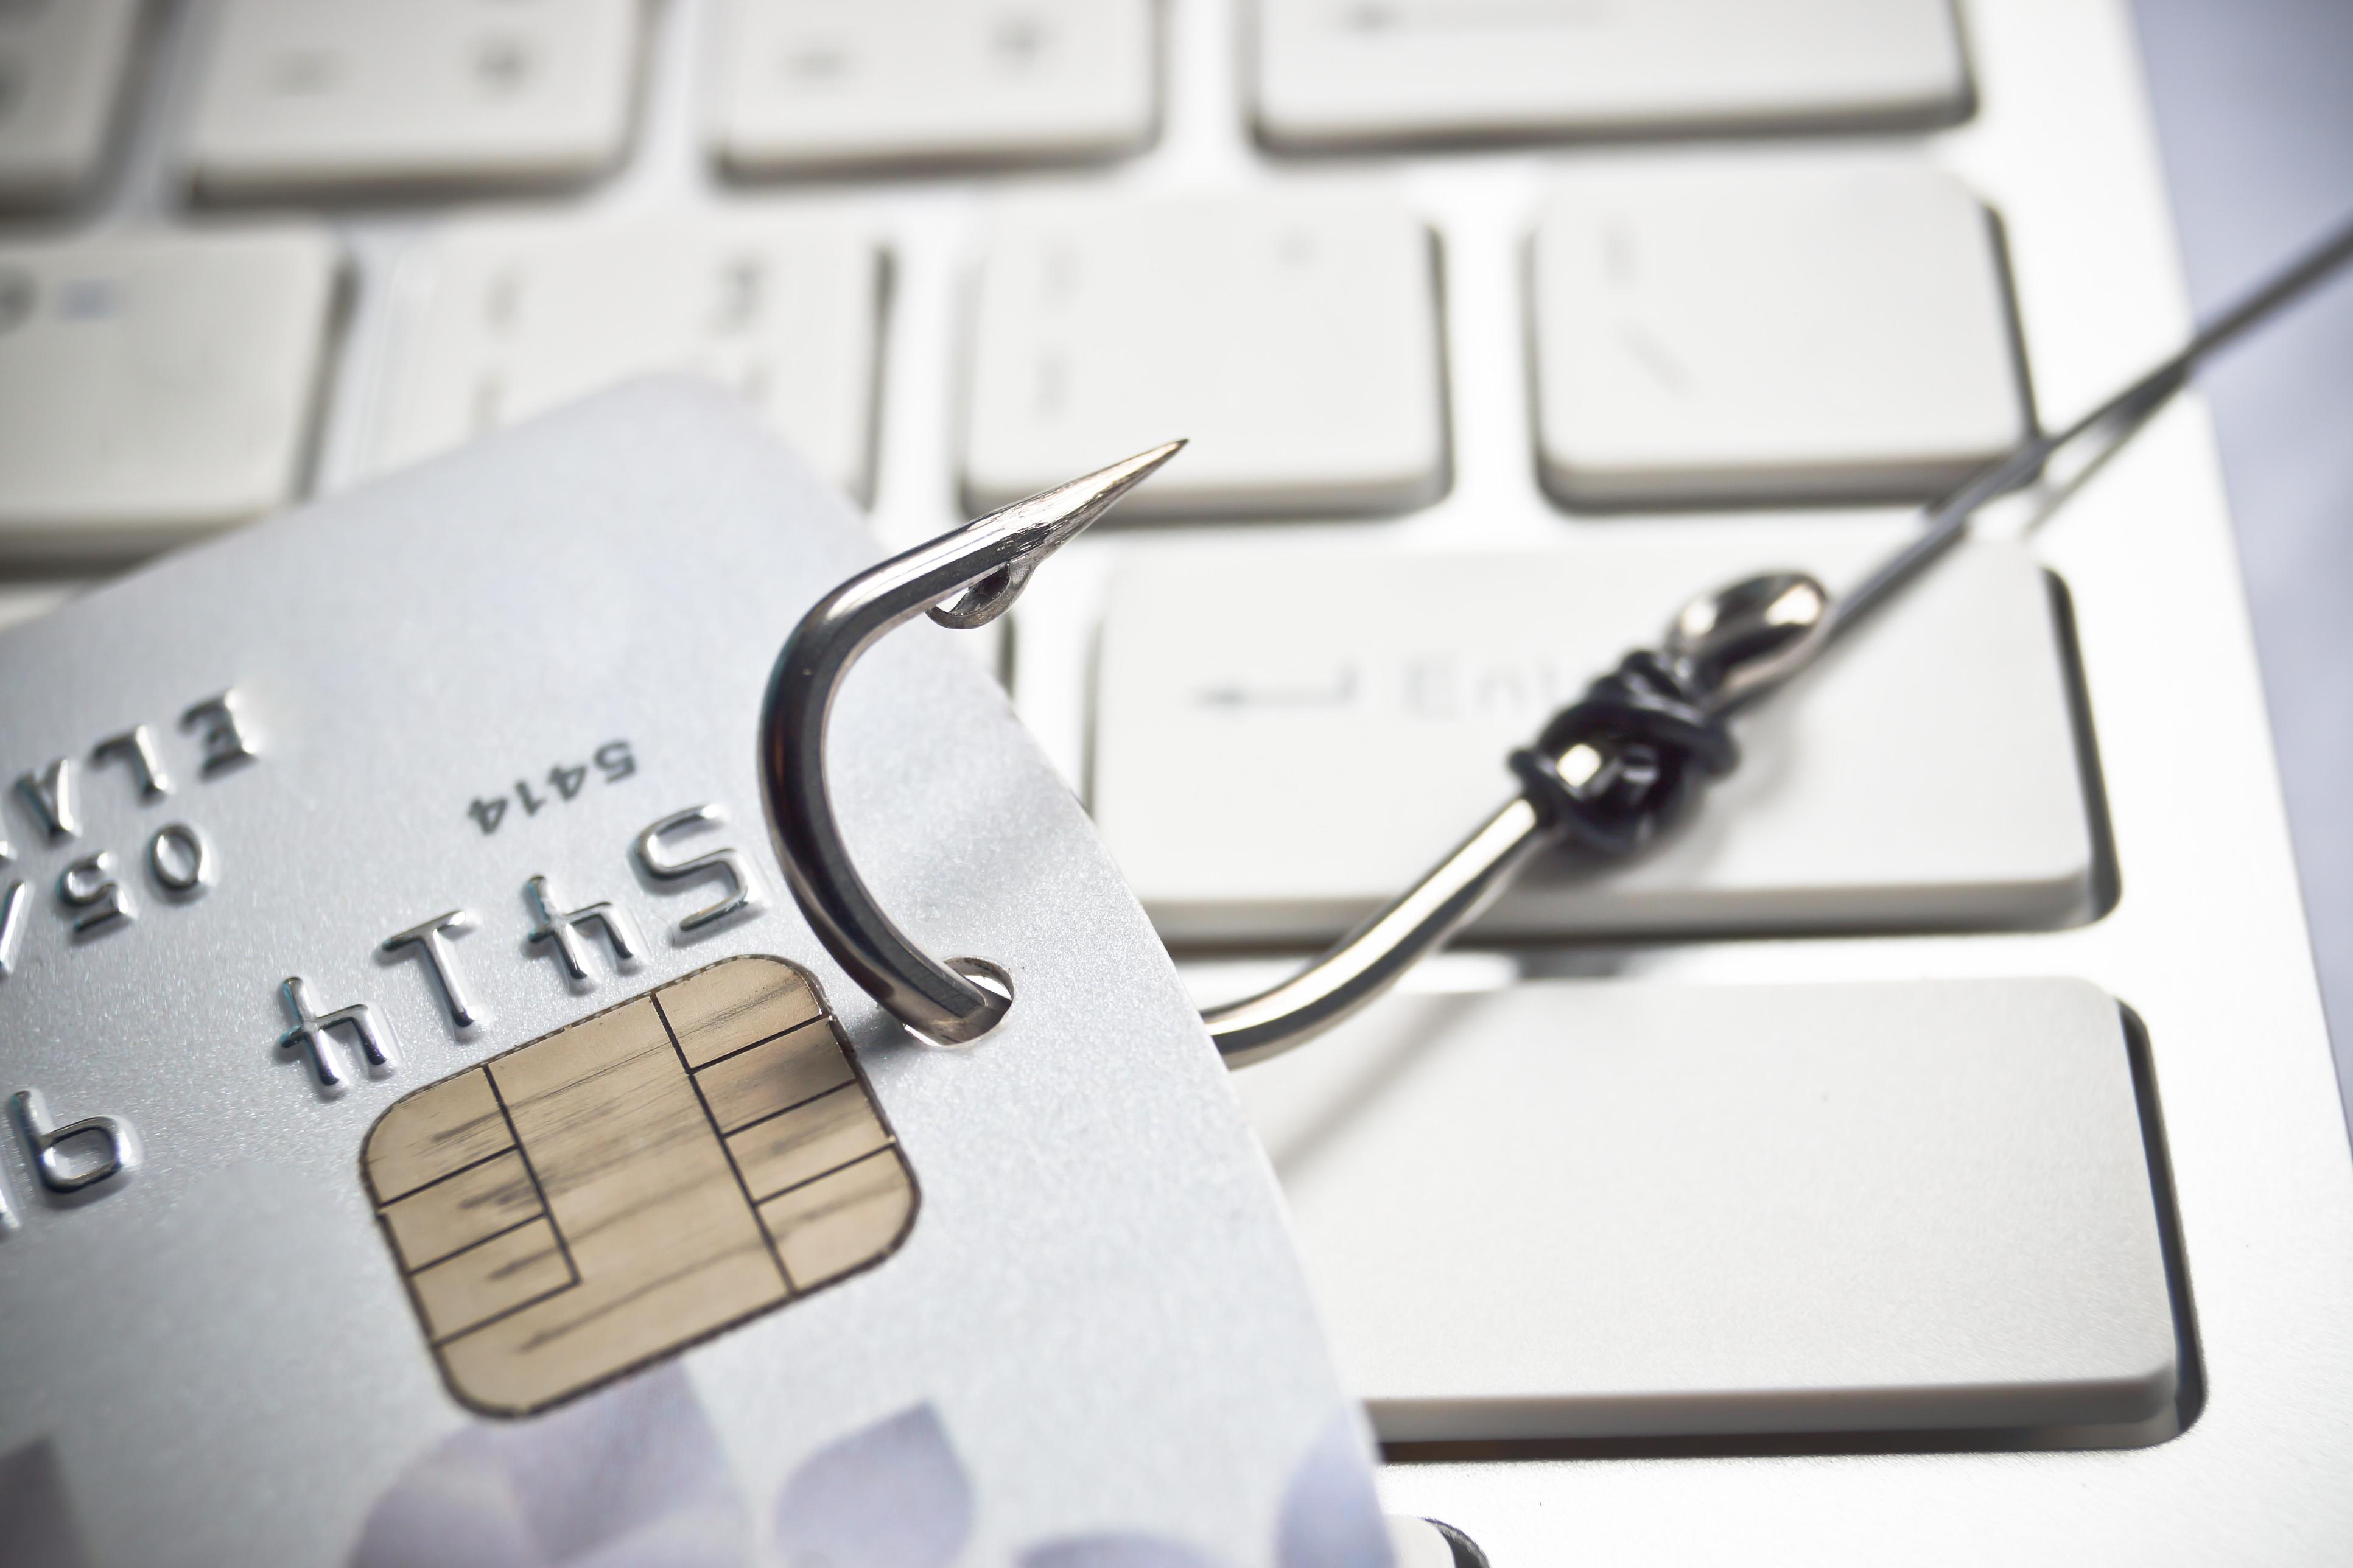 Nicht anbeissen – 6 Tipps zum Schutz vor Phishing